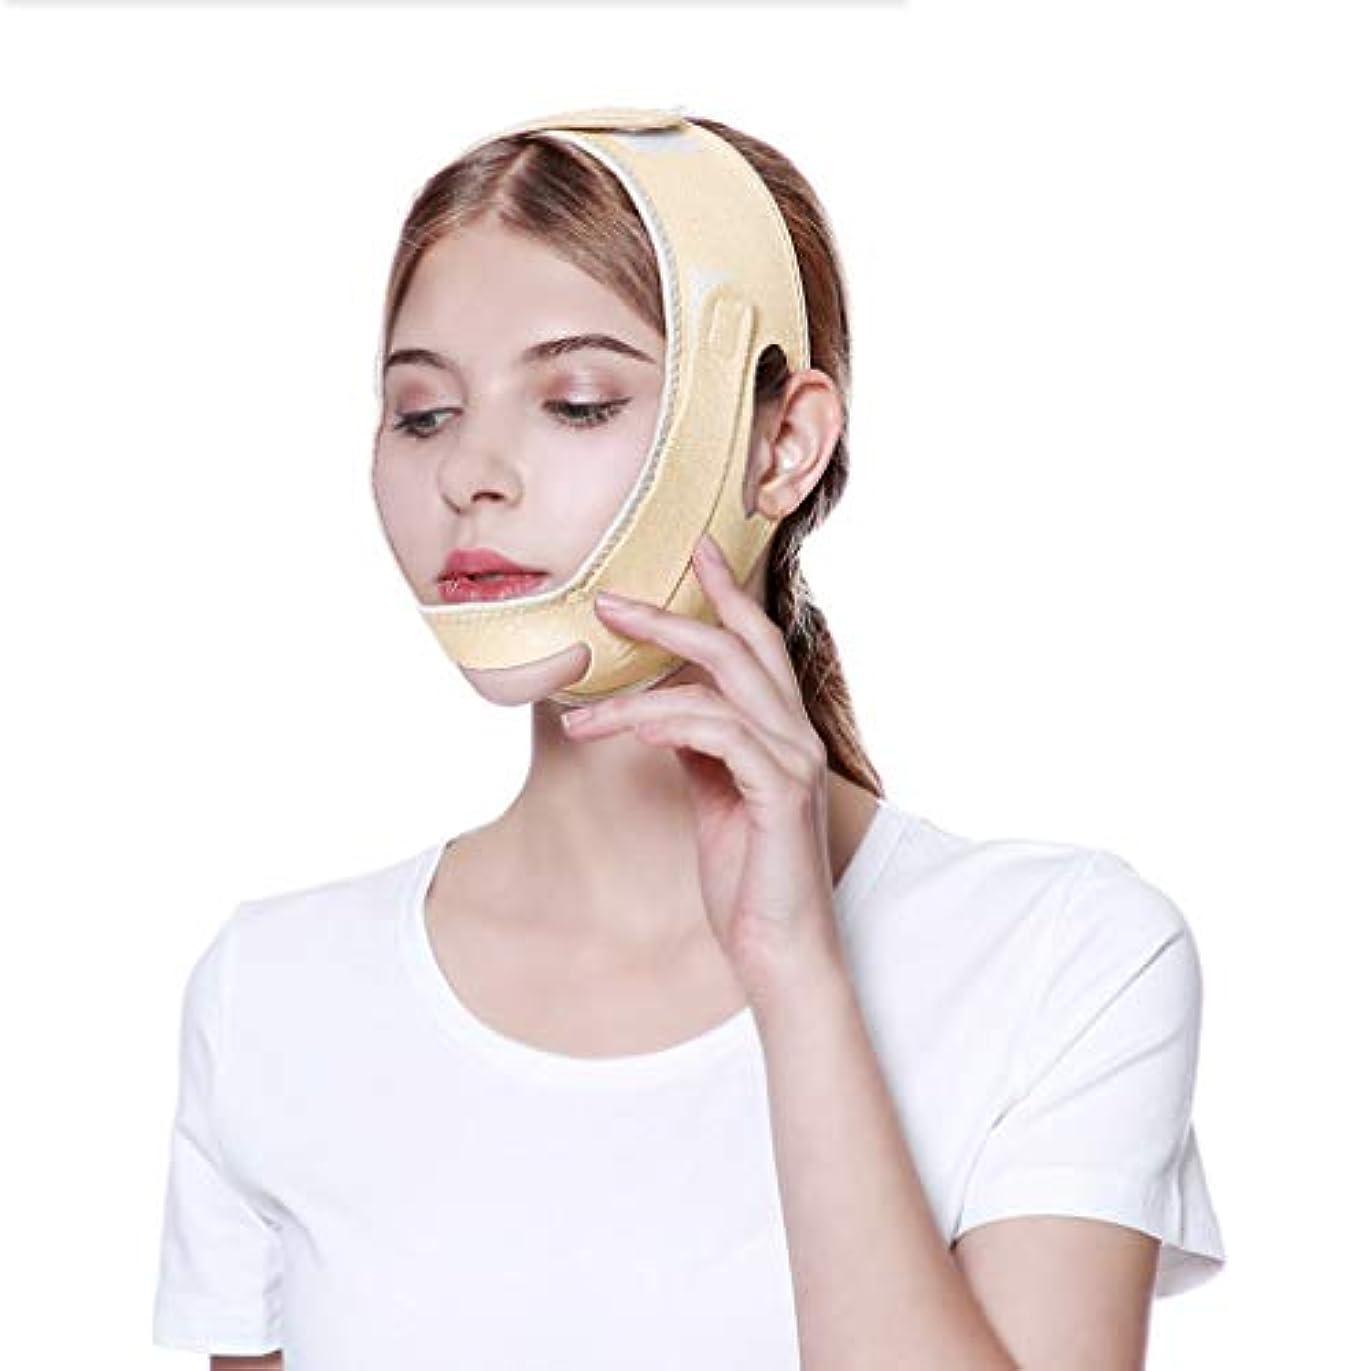 啓示協力する新しさ顔面重量損失顔包帯 v 顔楽器顔ツールマスクライン彫刻手術回復ヘッドギアダブルあご